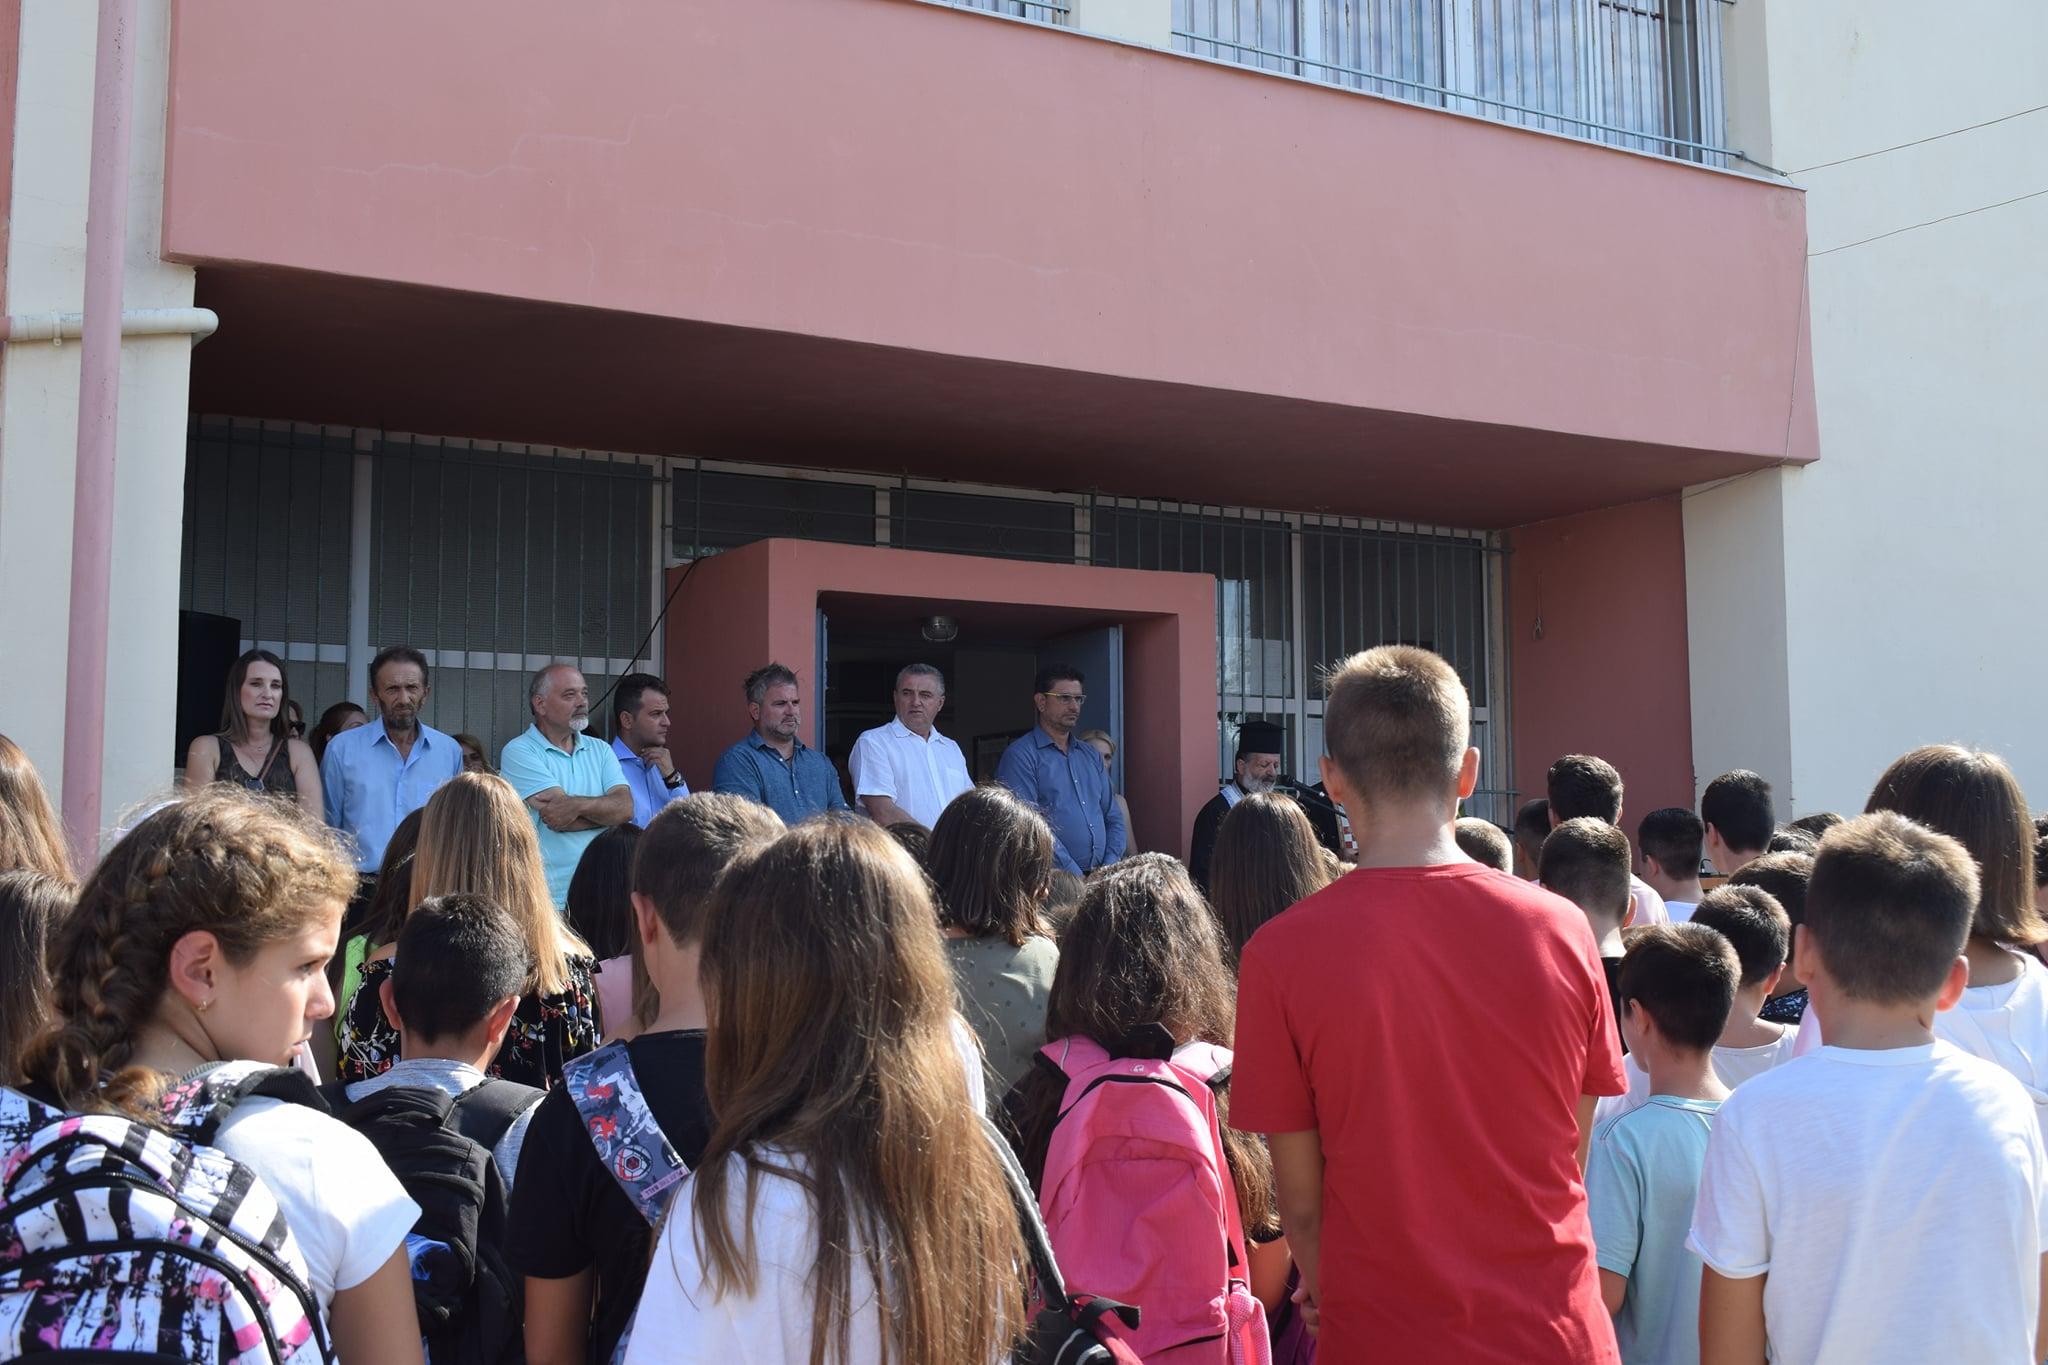 Δήμος Ανδραβίδας-Κυλλήνης: Στον αγιασμό των σχολείων ο Δήμαρχος Γιάννης Λέντζας (photos)